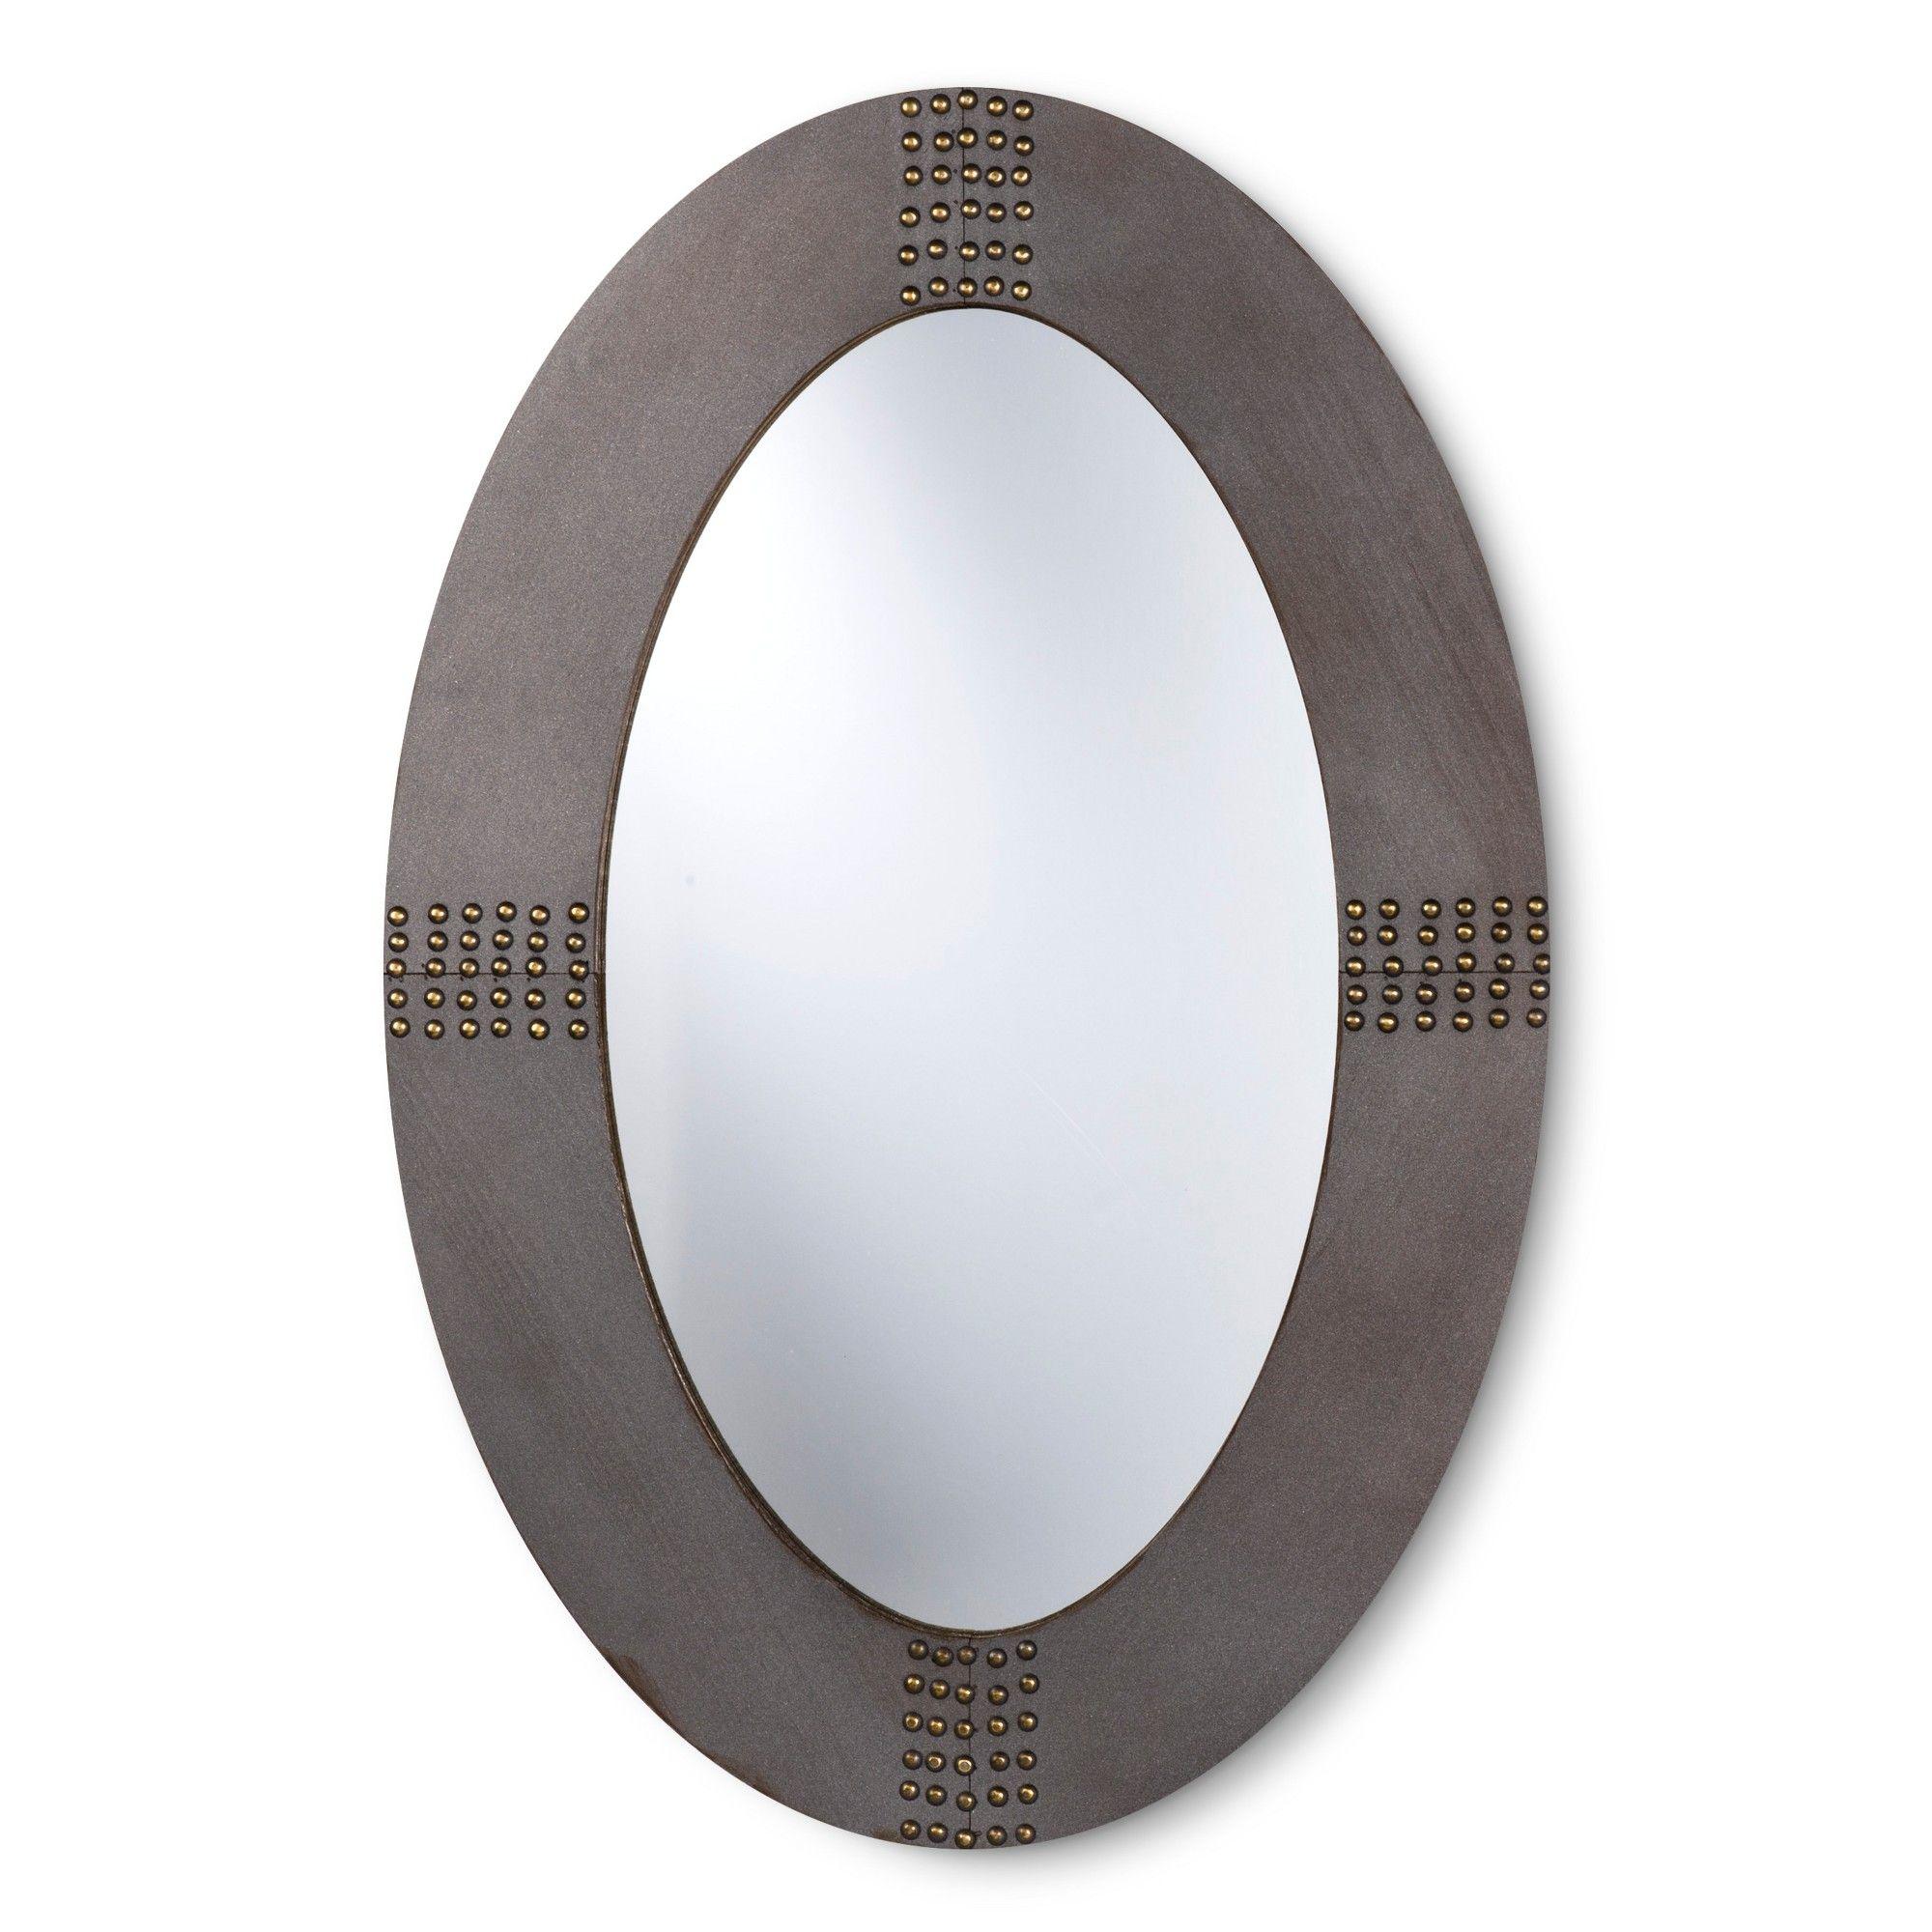 Target Large Circle Mirror